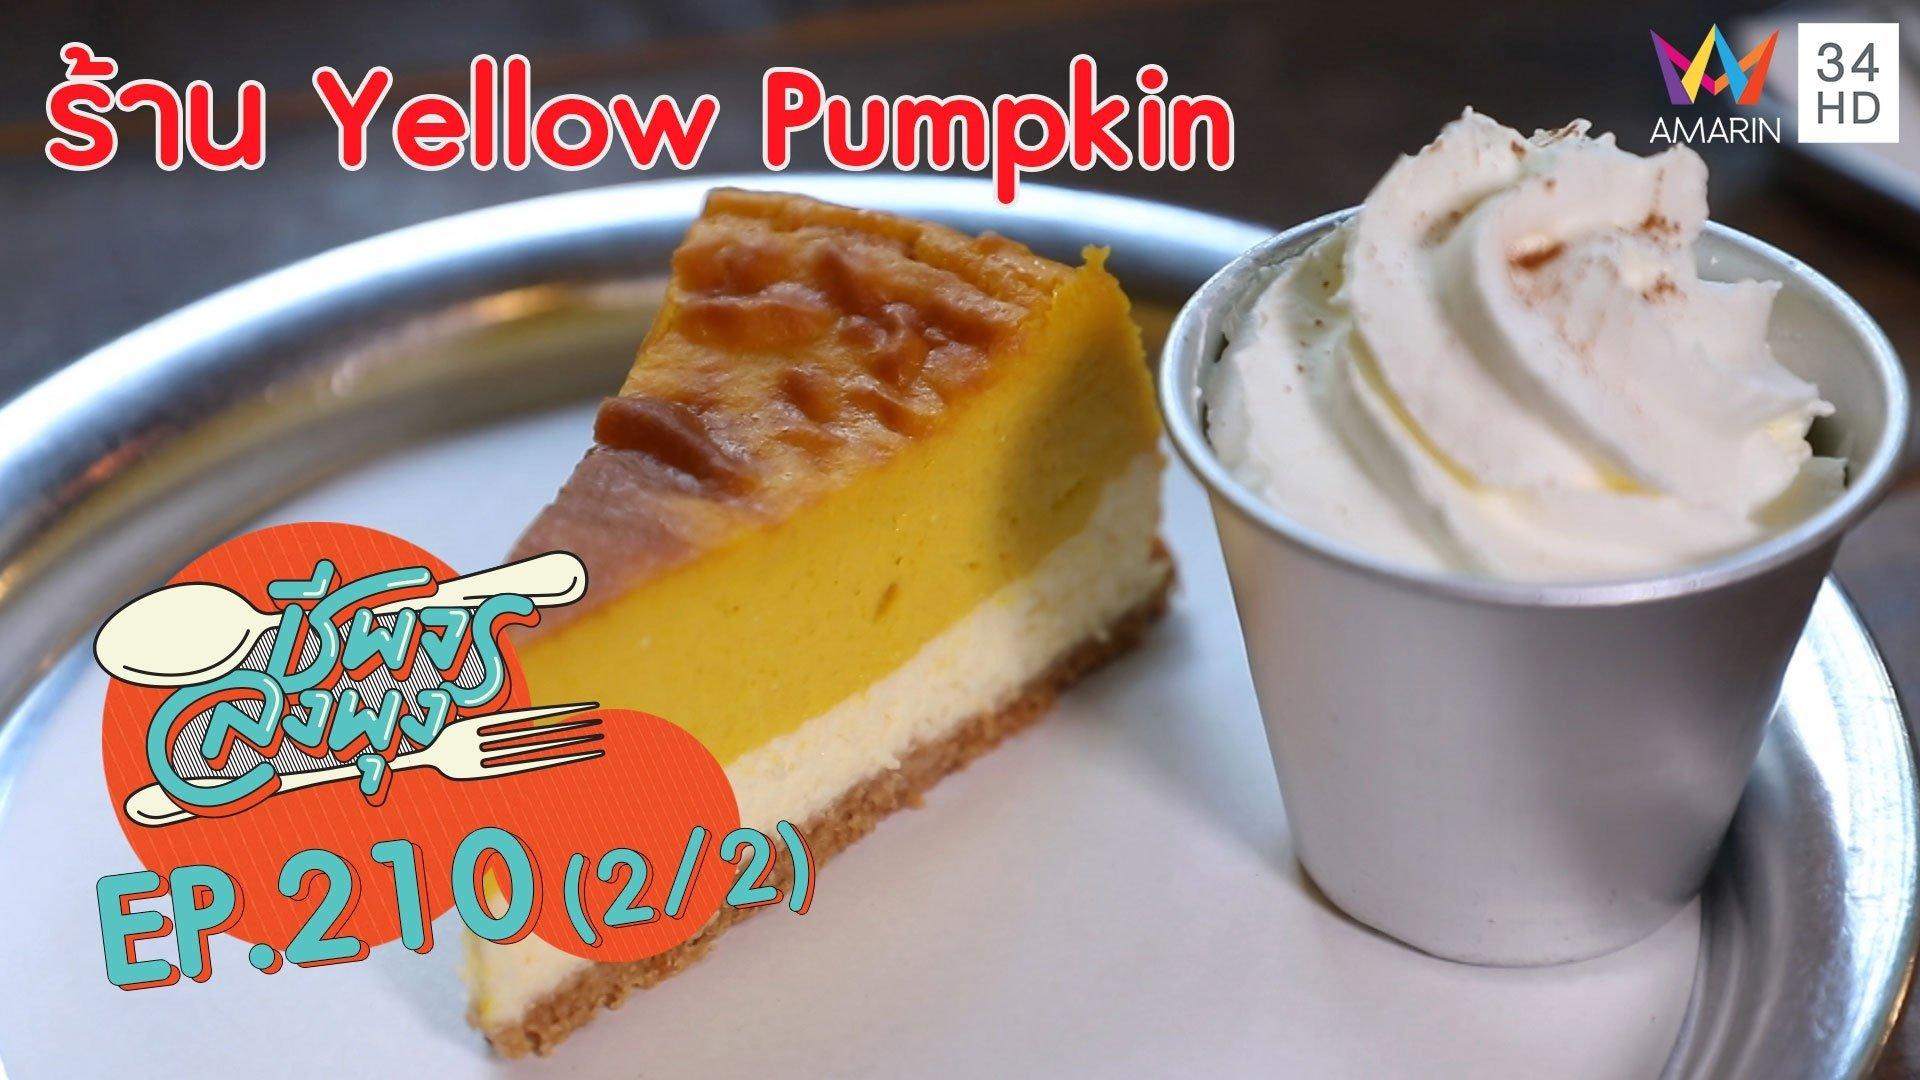 """คาเฟ่สุดชิค-เค้กฟักทองแสนอร่อย @""""ร้านYellow Pumpkin""""   ชีพจรลงพุง   29 มี.ค. 63 (2/2)   AMARIN TVHD34"""